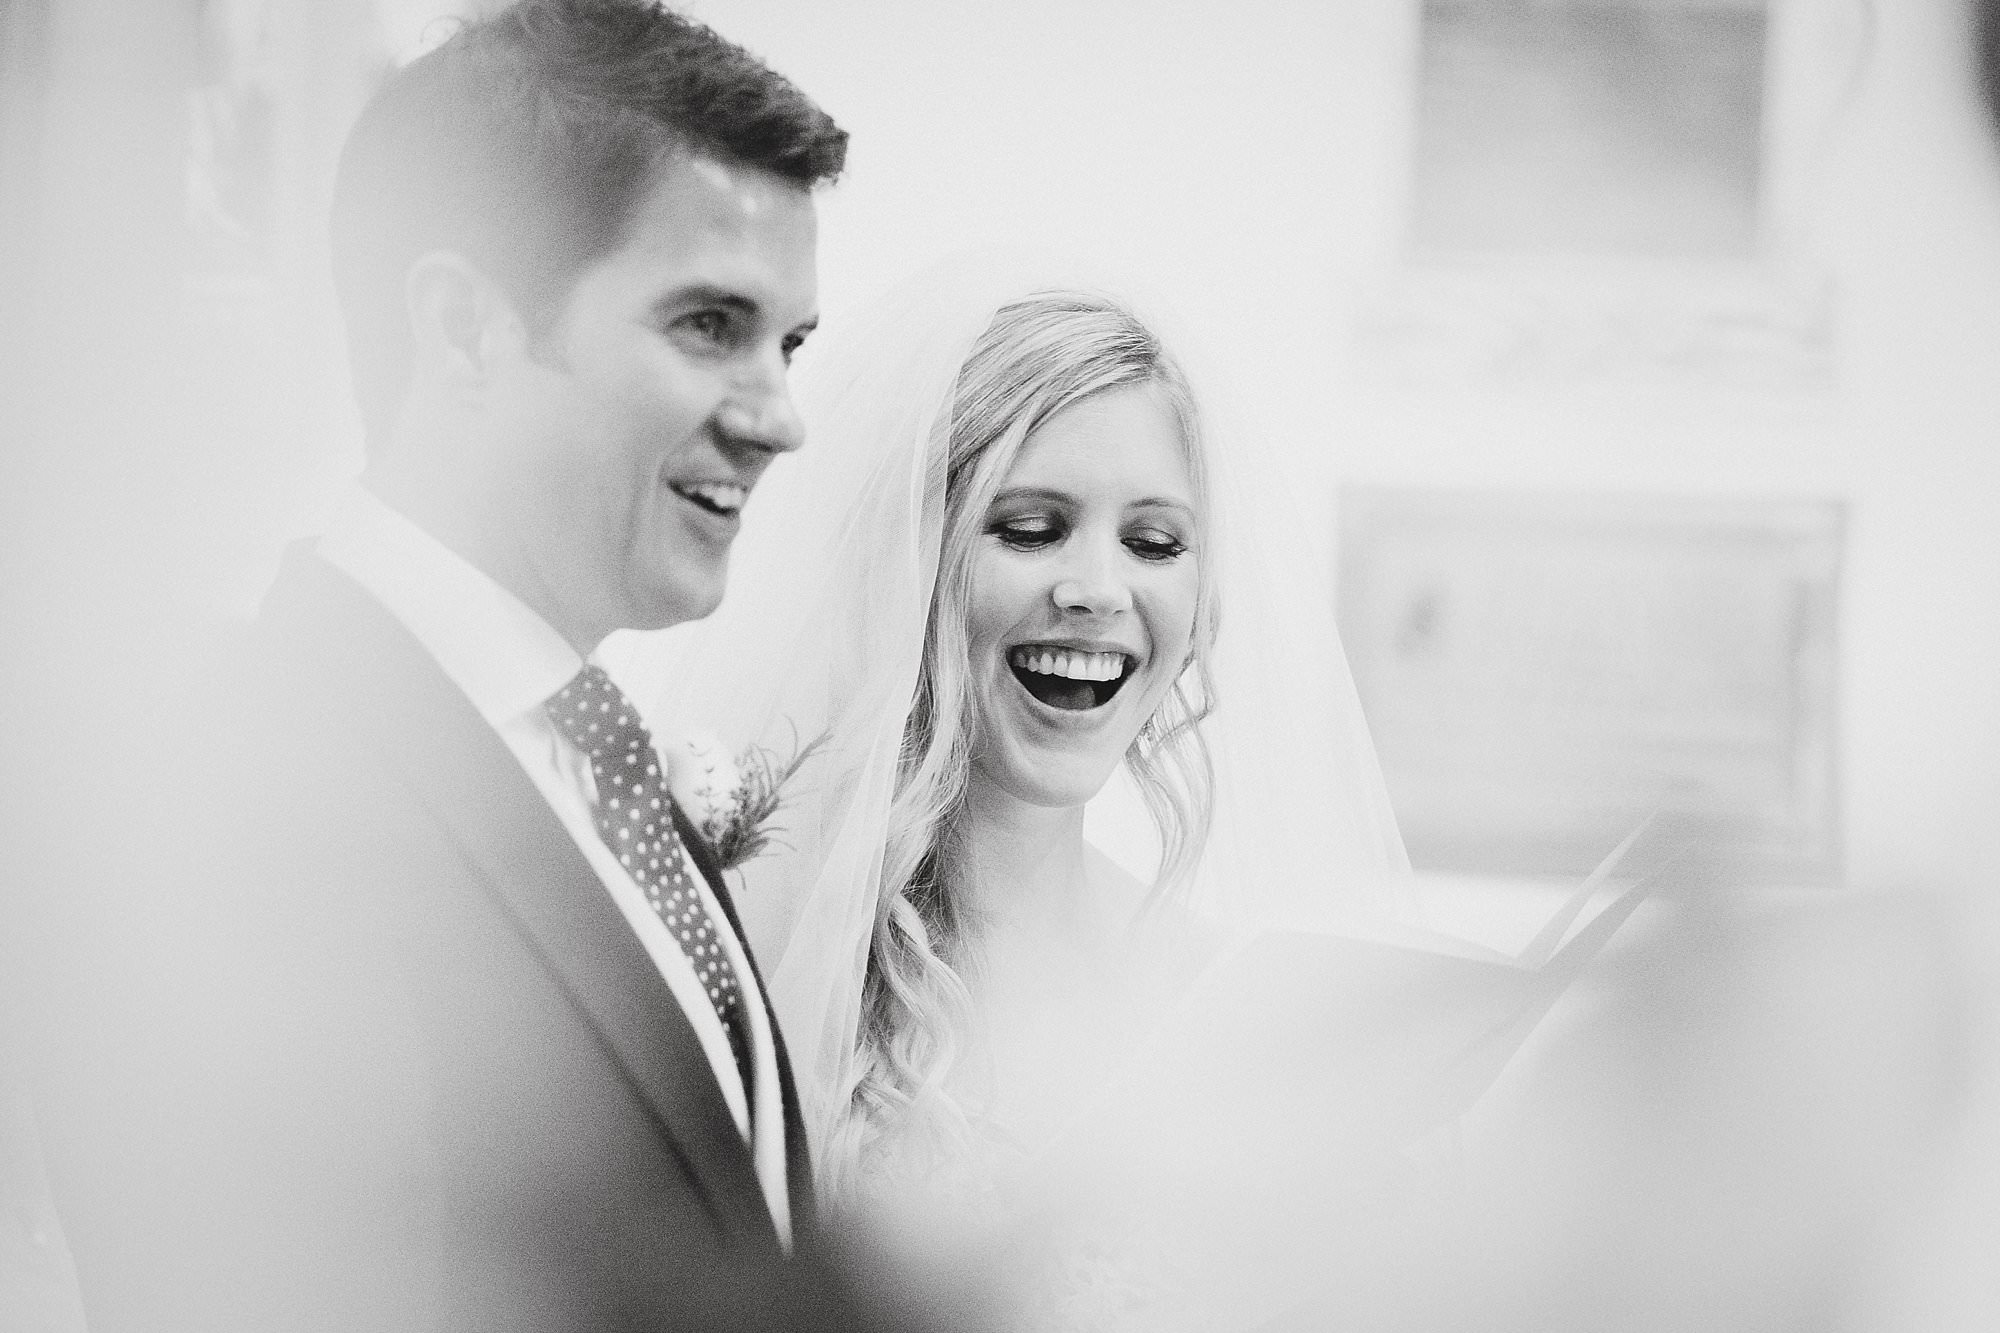 fulham palace wedding photographer 033 - Rosanna & Duncan's Fulham Palace Wedding